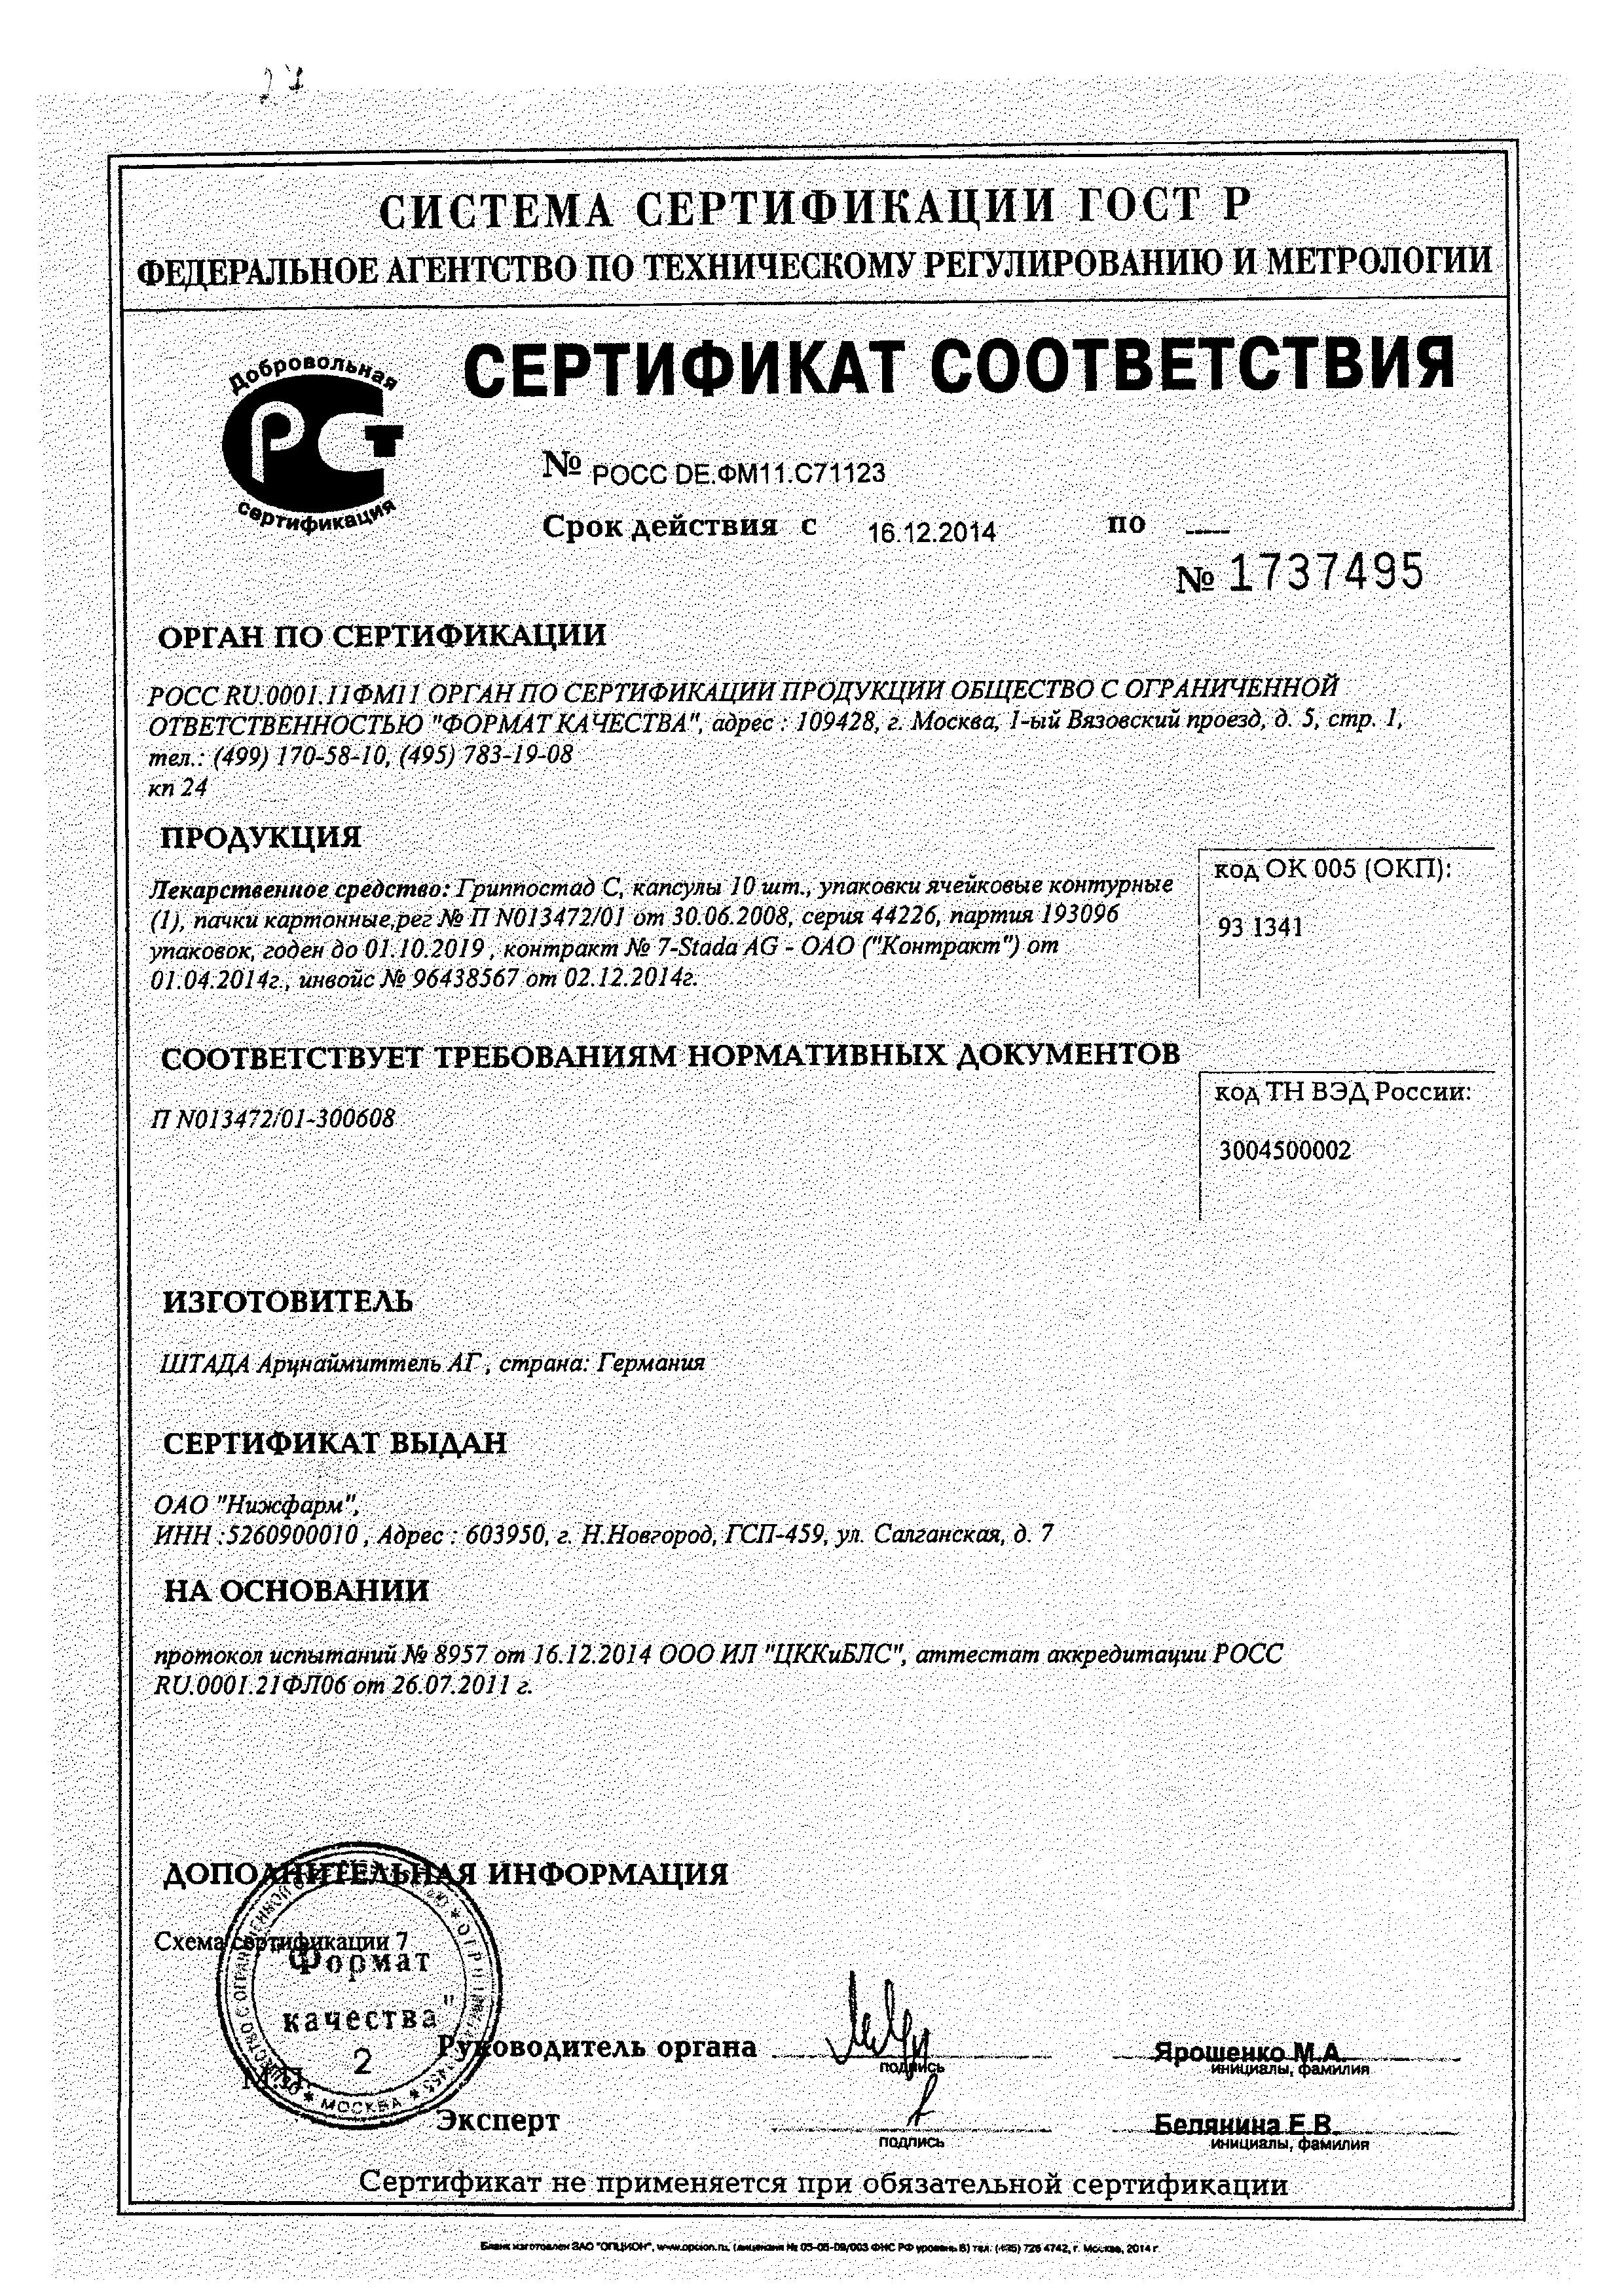 Гриппостад С сертификат